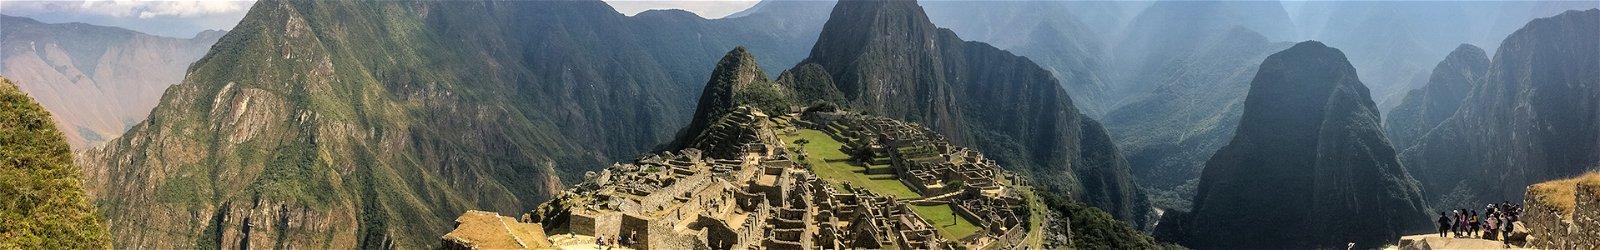 Los mejores viajes por Sudamérica desde México 2020